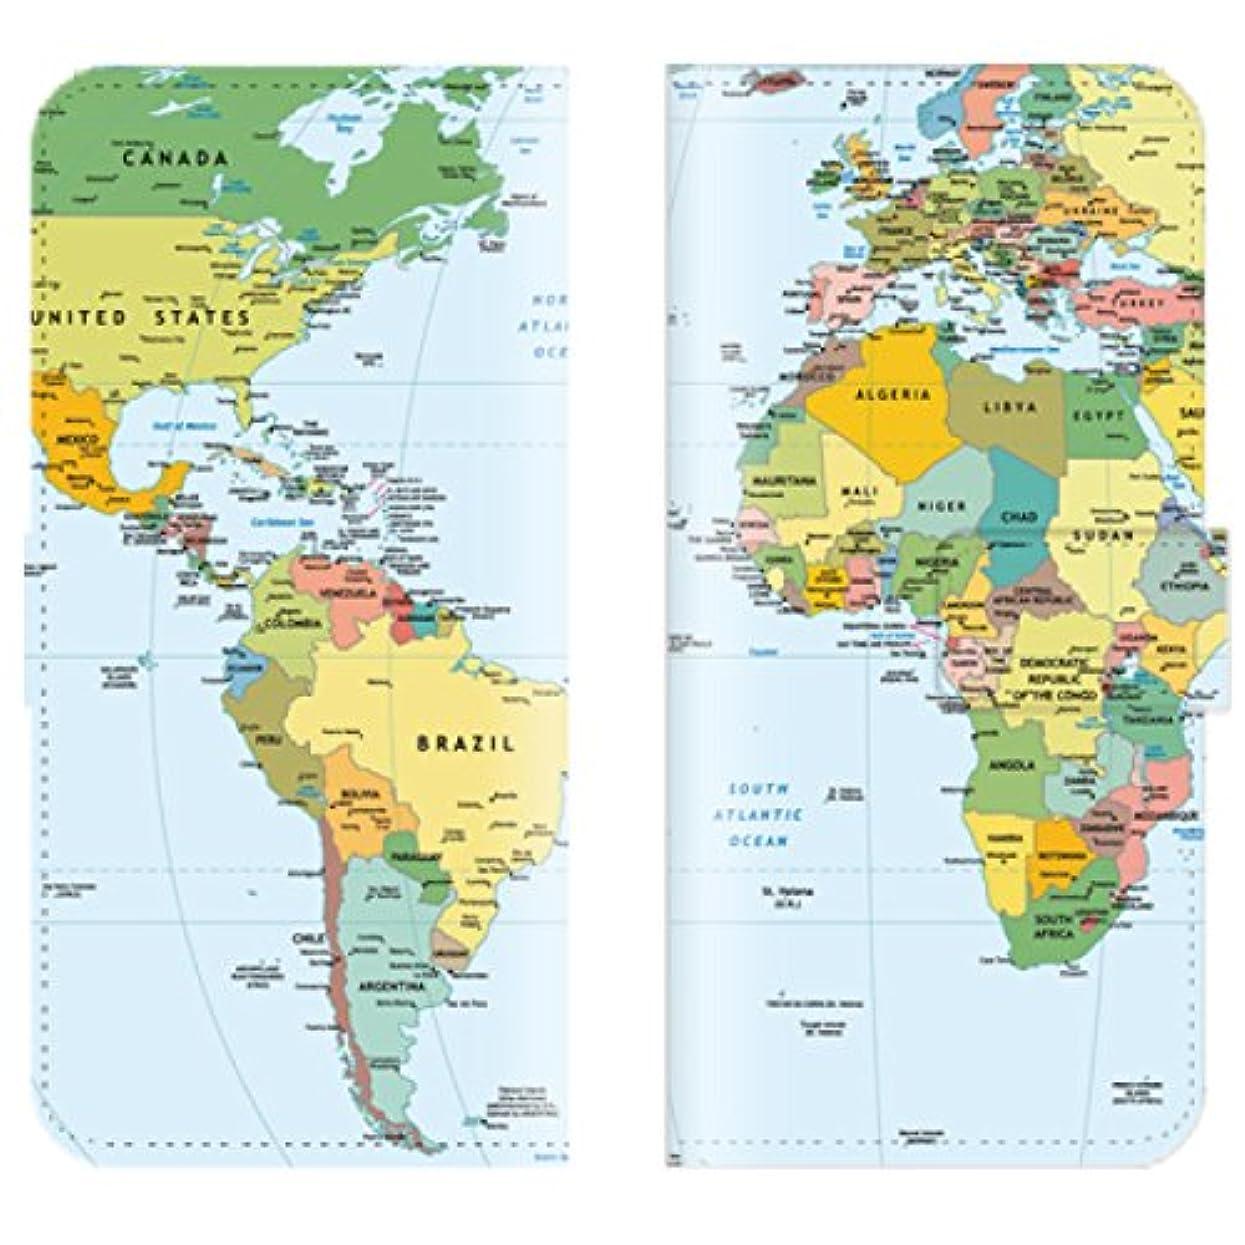 大混乱満足させるグリーンバックiPhone XR 対応 スマホケース 全機種対応 手帳型 地図 国旗 map 世界地図 図柄 おしゃれ 旅行 ヴィンテージ スマートフォン ケース